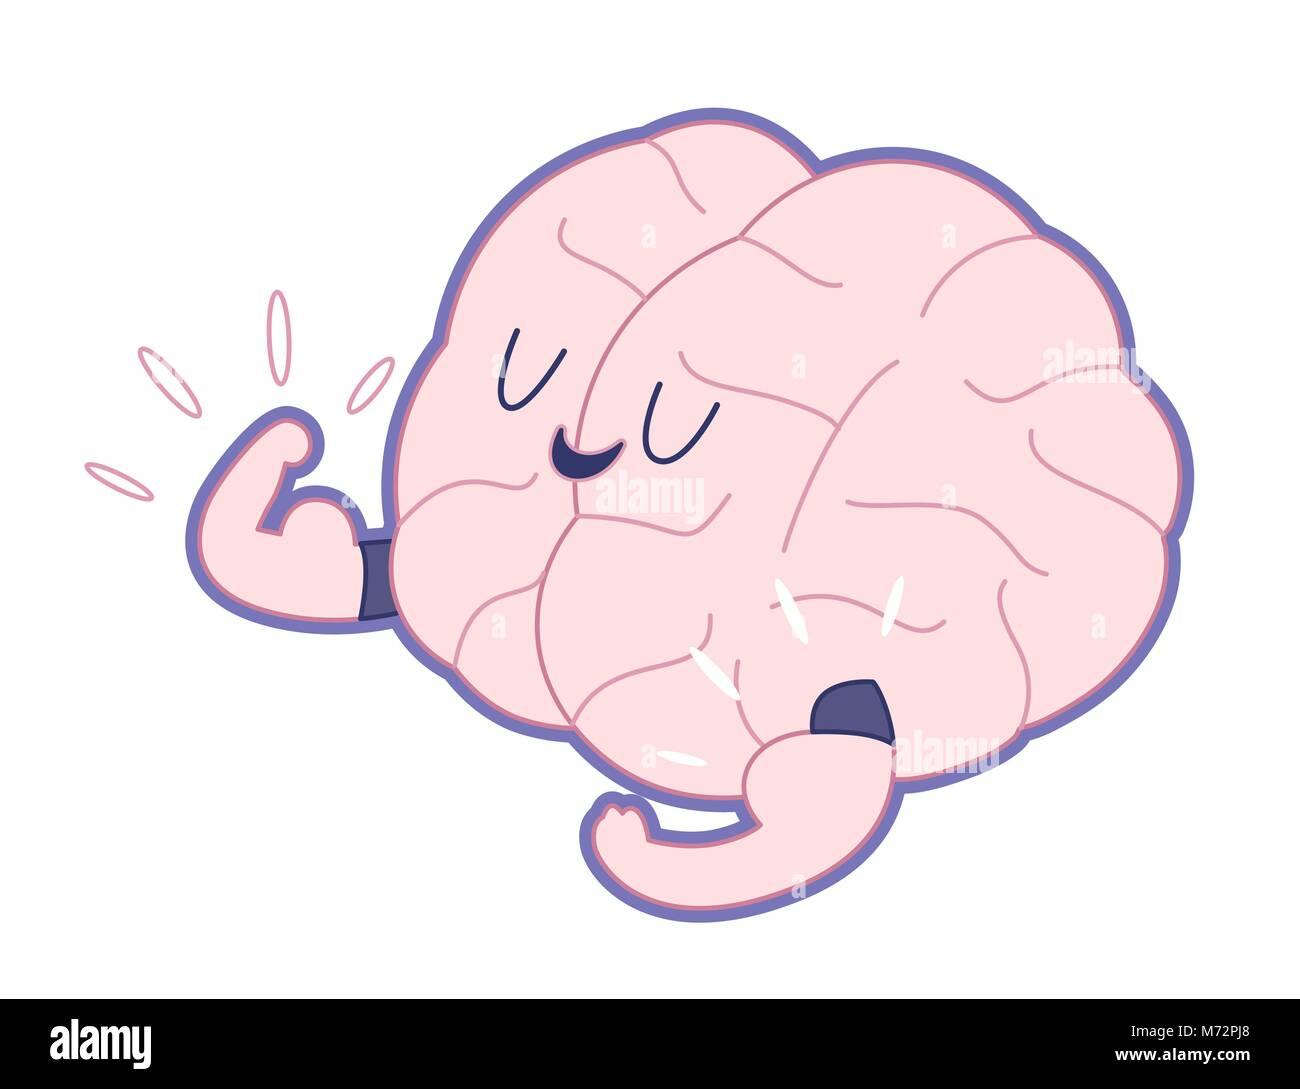 Le champion du cerveau montrant il s biceps télévision décrites cartoon illustration - Entraînez votre cerveau série. Illustration de Vecteur